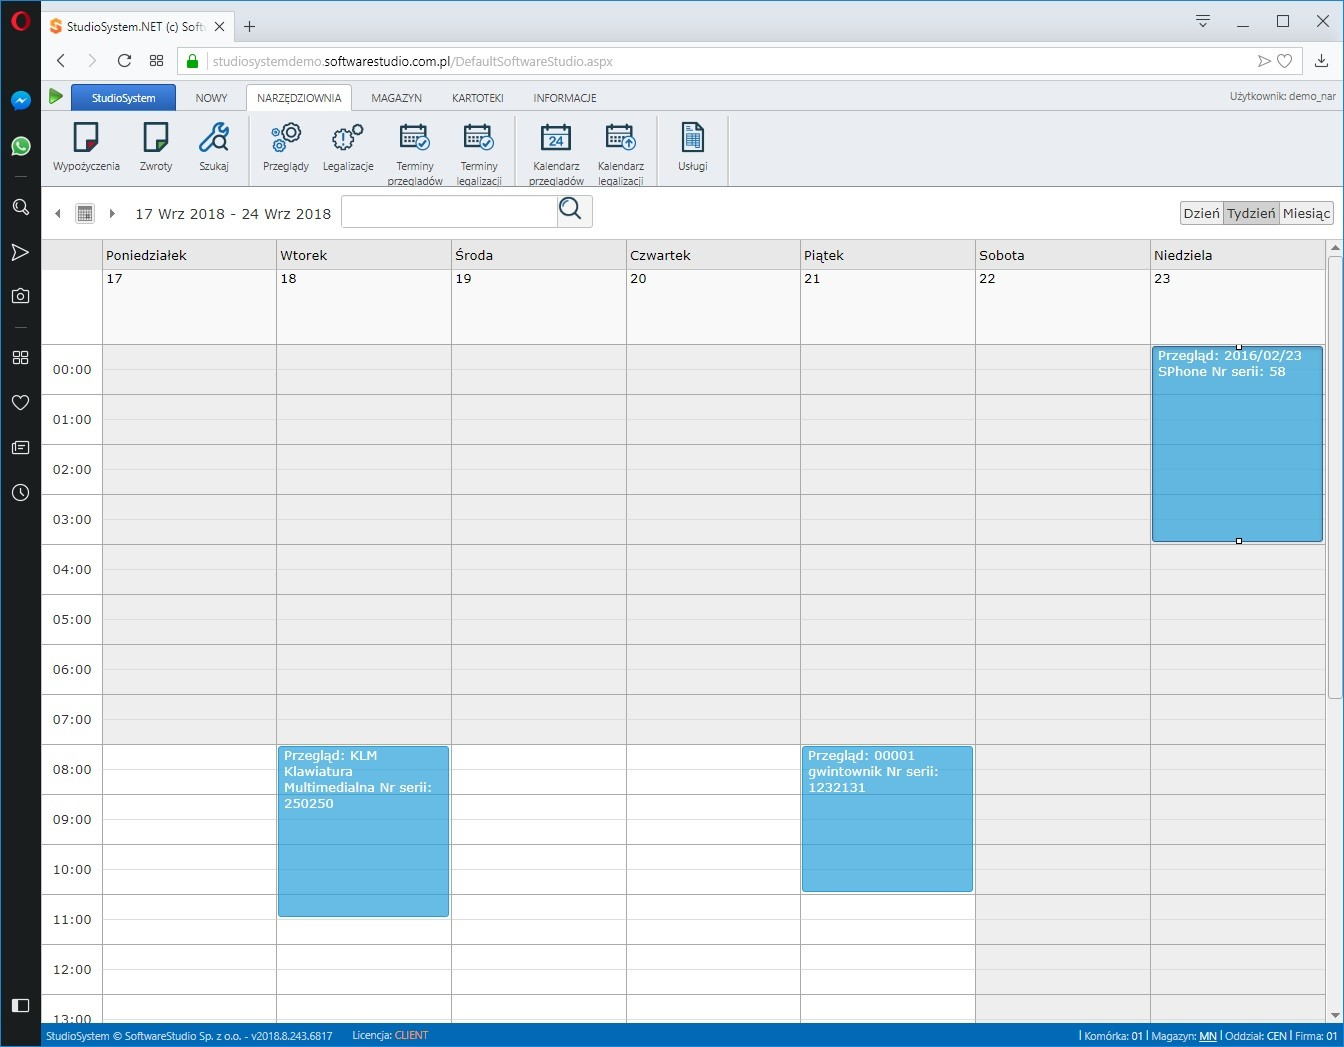 narzędzia-przeglądy- System do zarządzania narzędziami